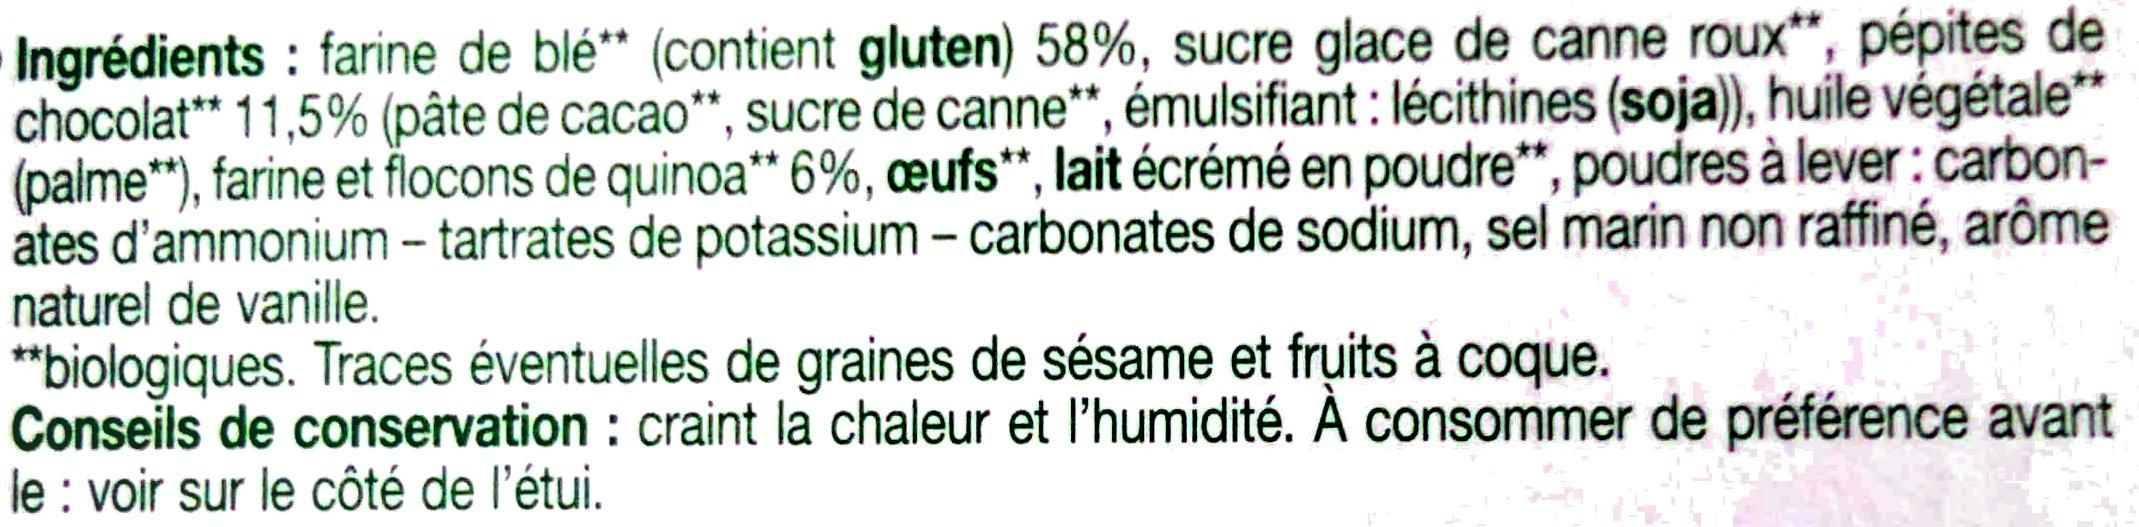 Biscuits quinoa et pépites de chocolat - Ingrédients - fr